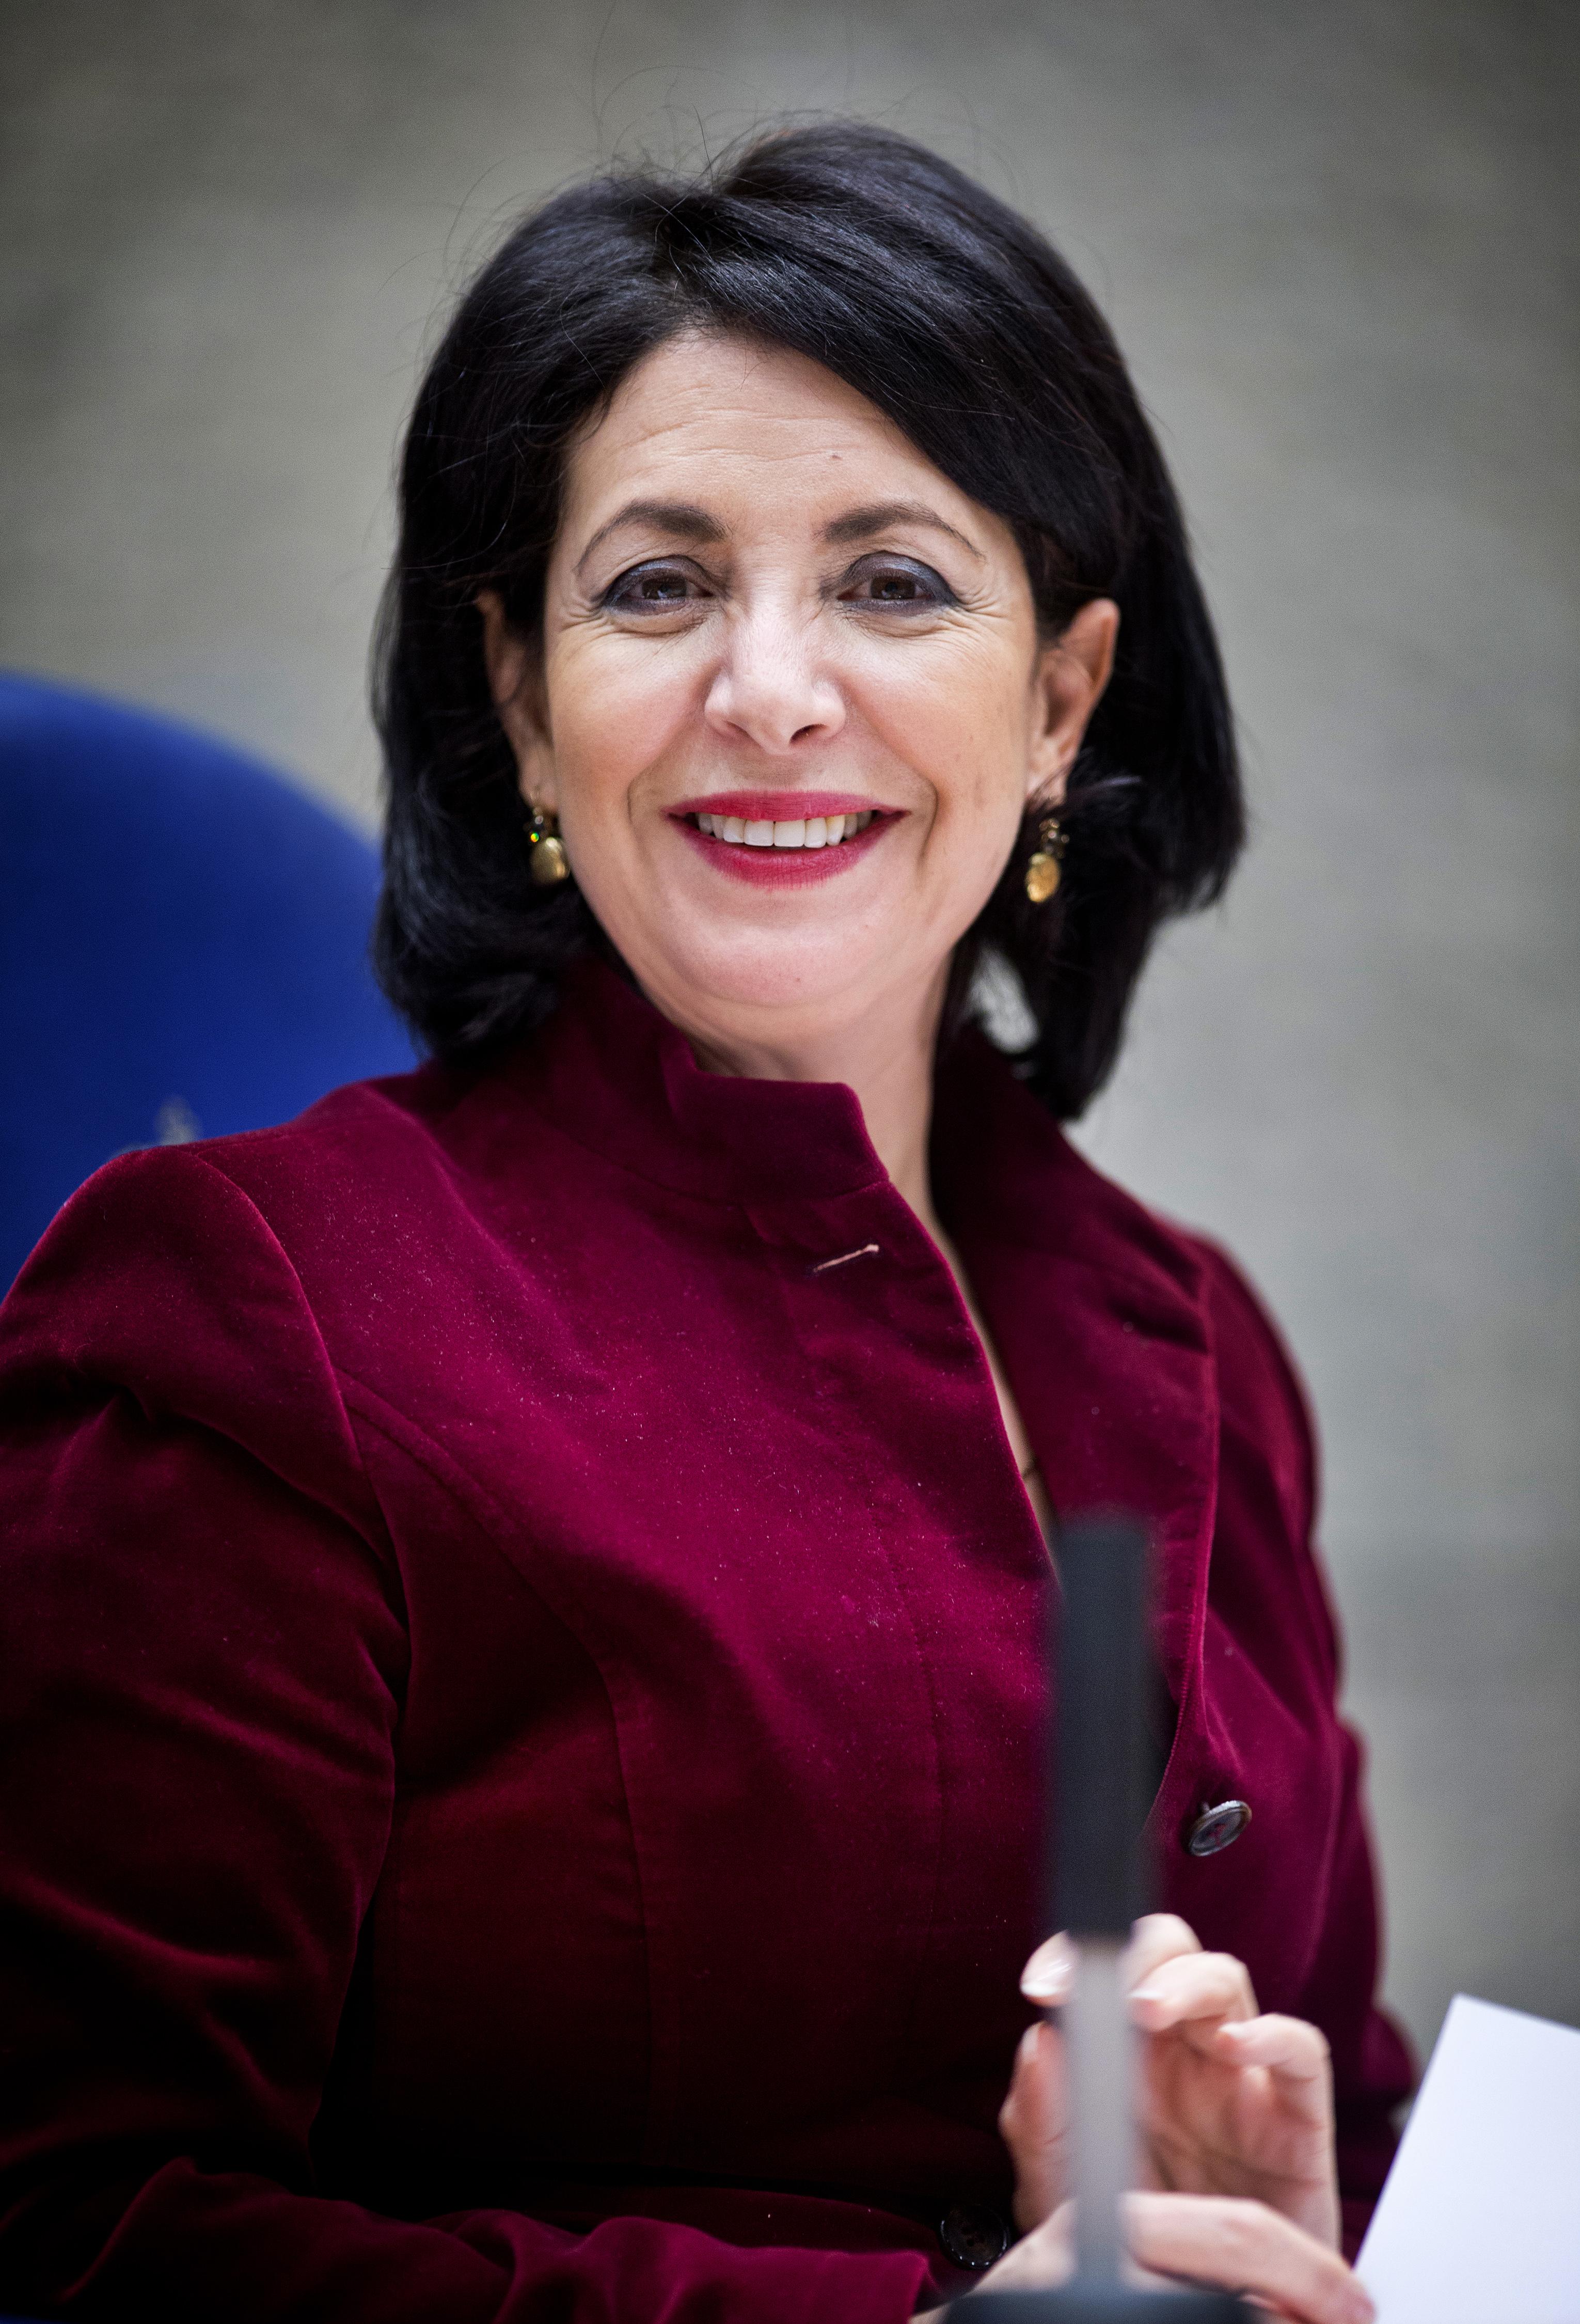 ## VRIJE FOTO ## DEN HAAG - Portret Voorzitter tweede kamer Khadija Arib (PvdA). Kamerleden in de tweede kamer tijdens het vragenuurtje. - FOTO GUUS SCHOONEWILLE